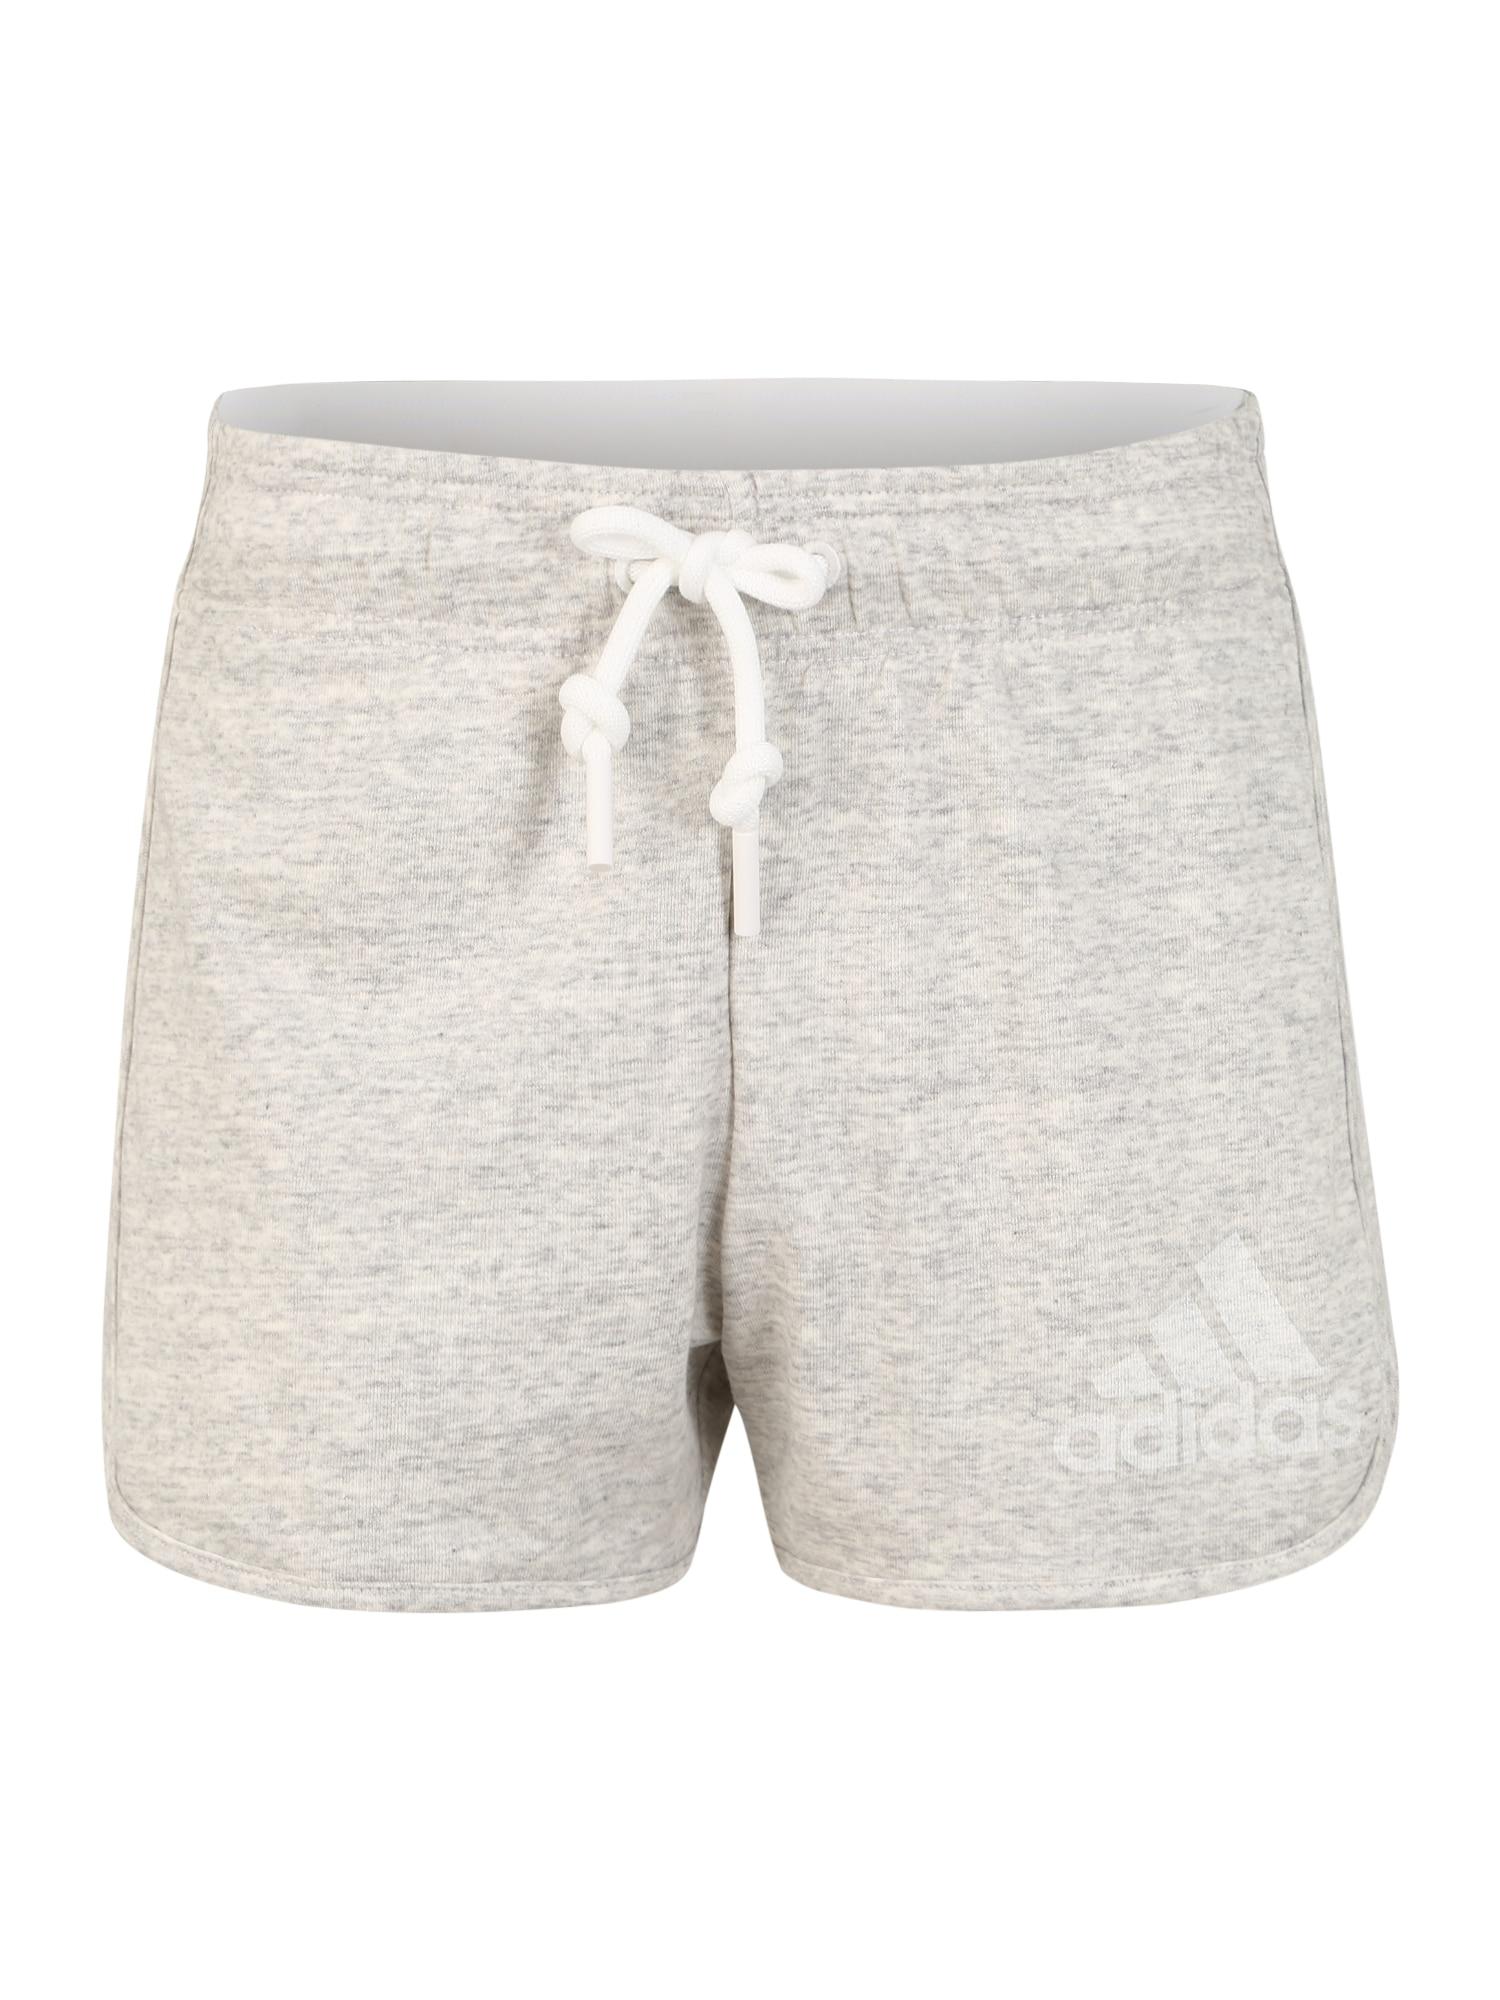 ADIDAS PERFORMANCE Sportinės kelnės margai pilka / šviesiai pilka